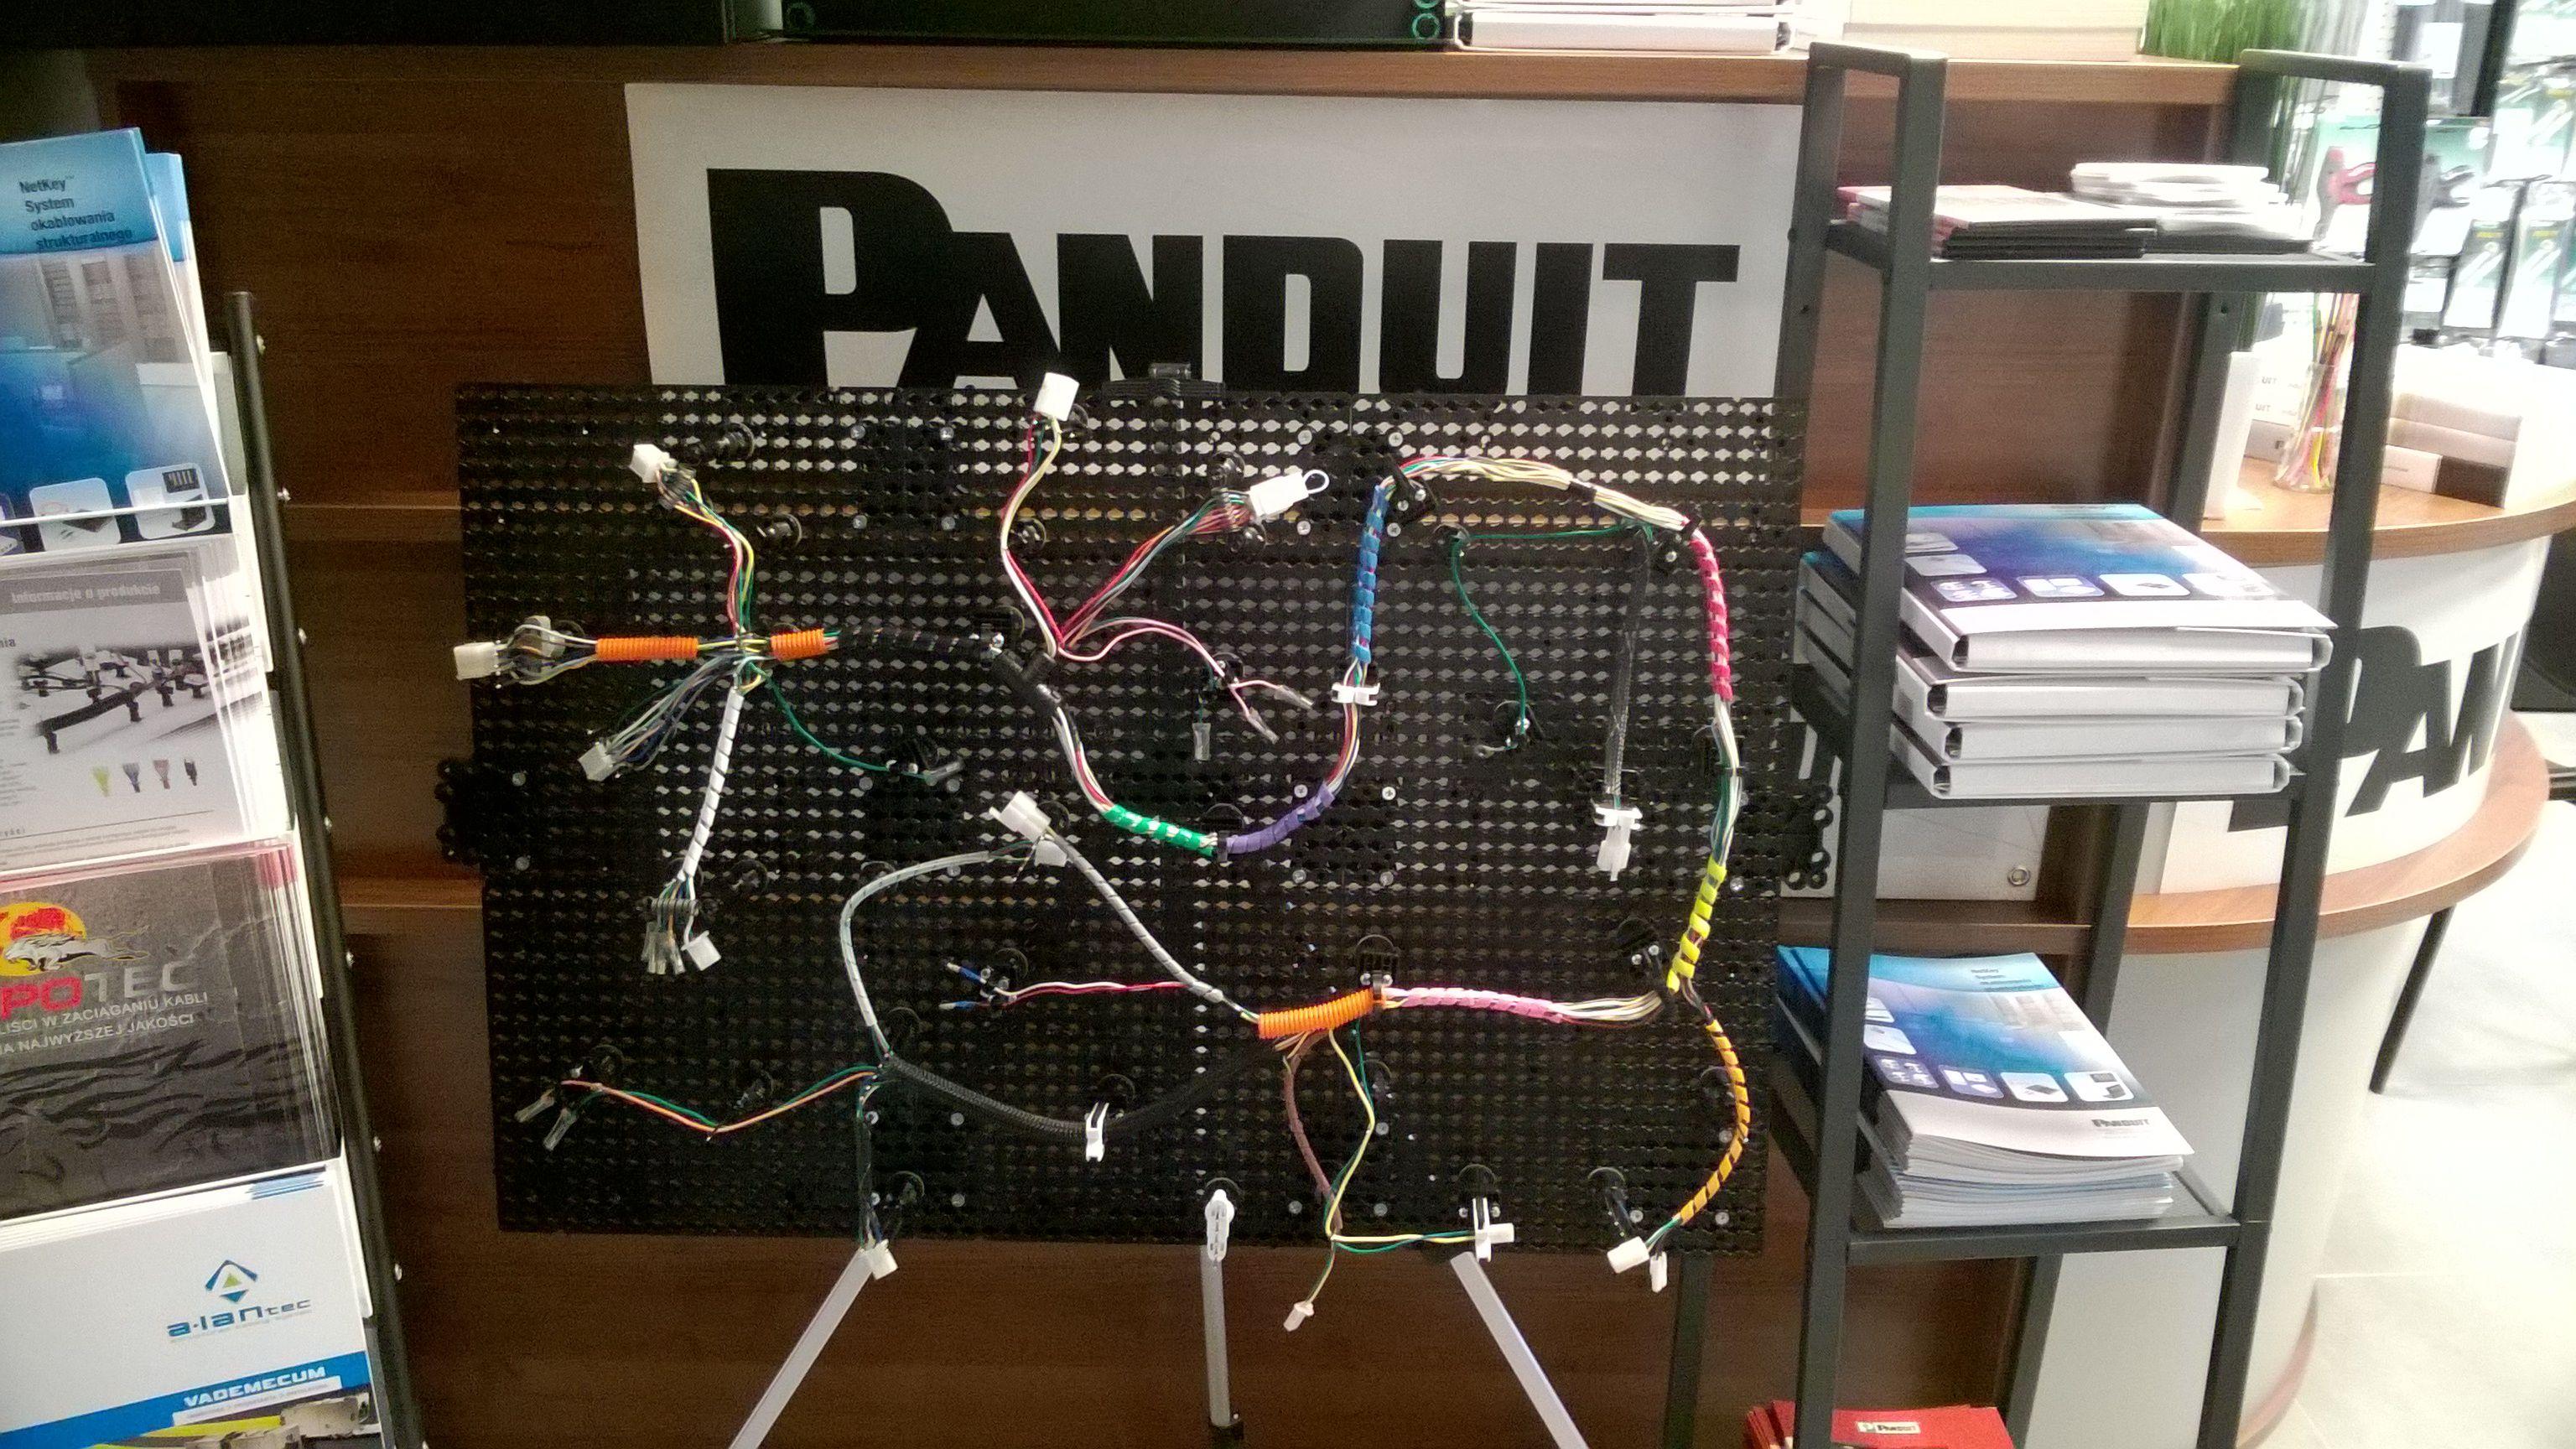 panduit quick build system wire harness board my foto https www [ 3072 x 1728 Pixel ]